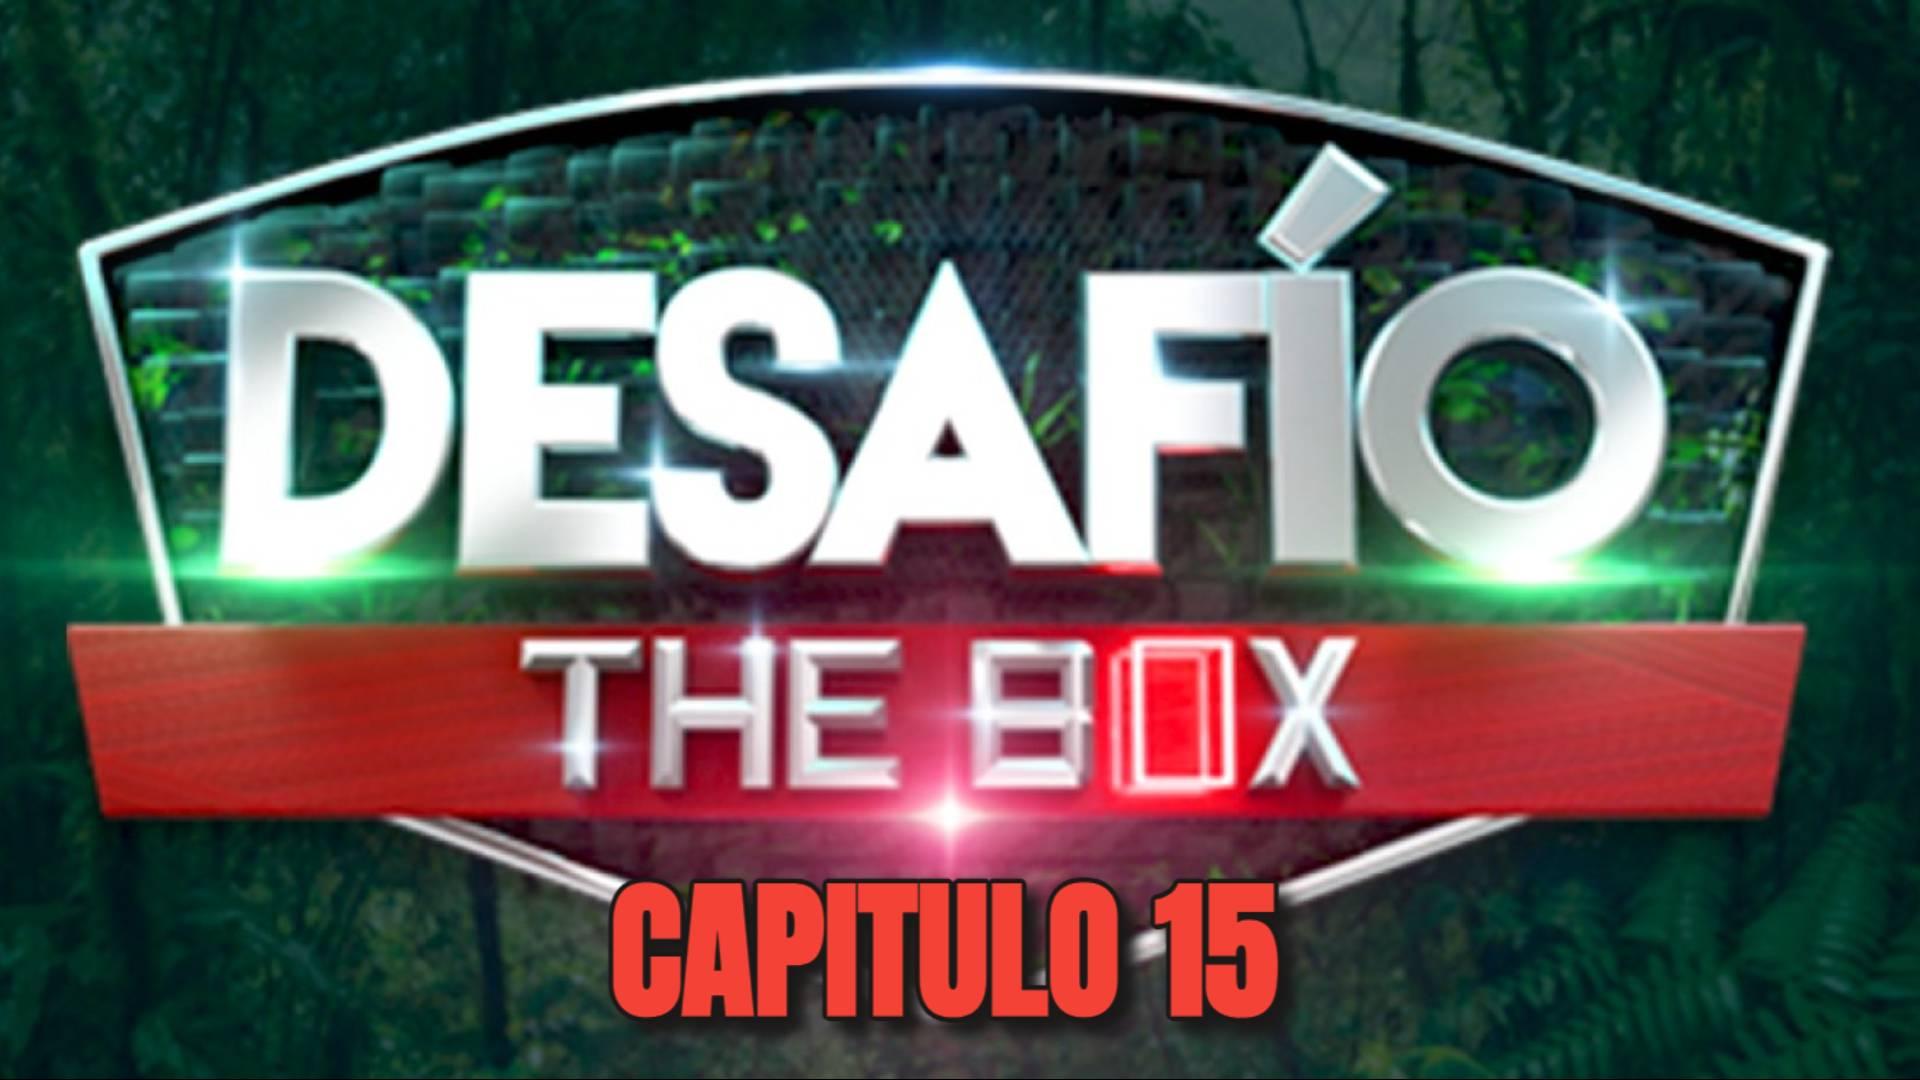 Desafio The Box 2021 CAPITULO 15